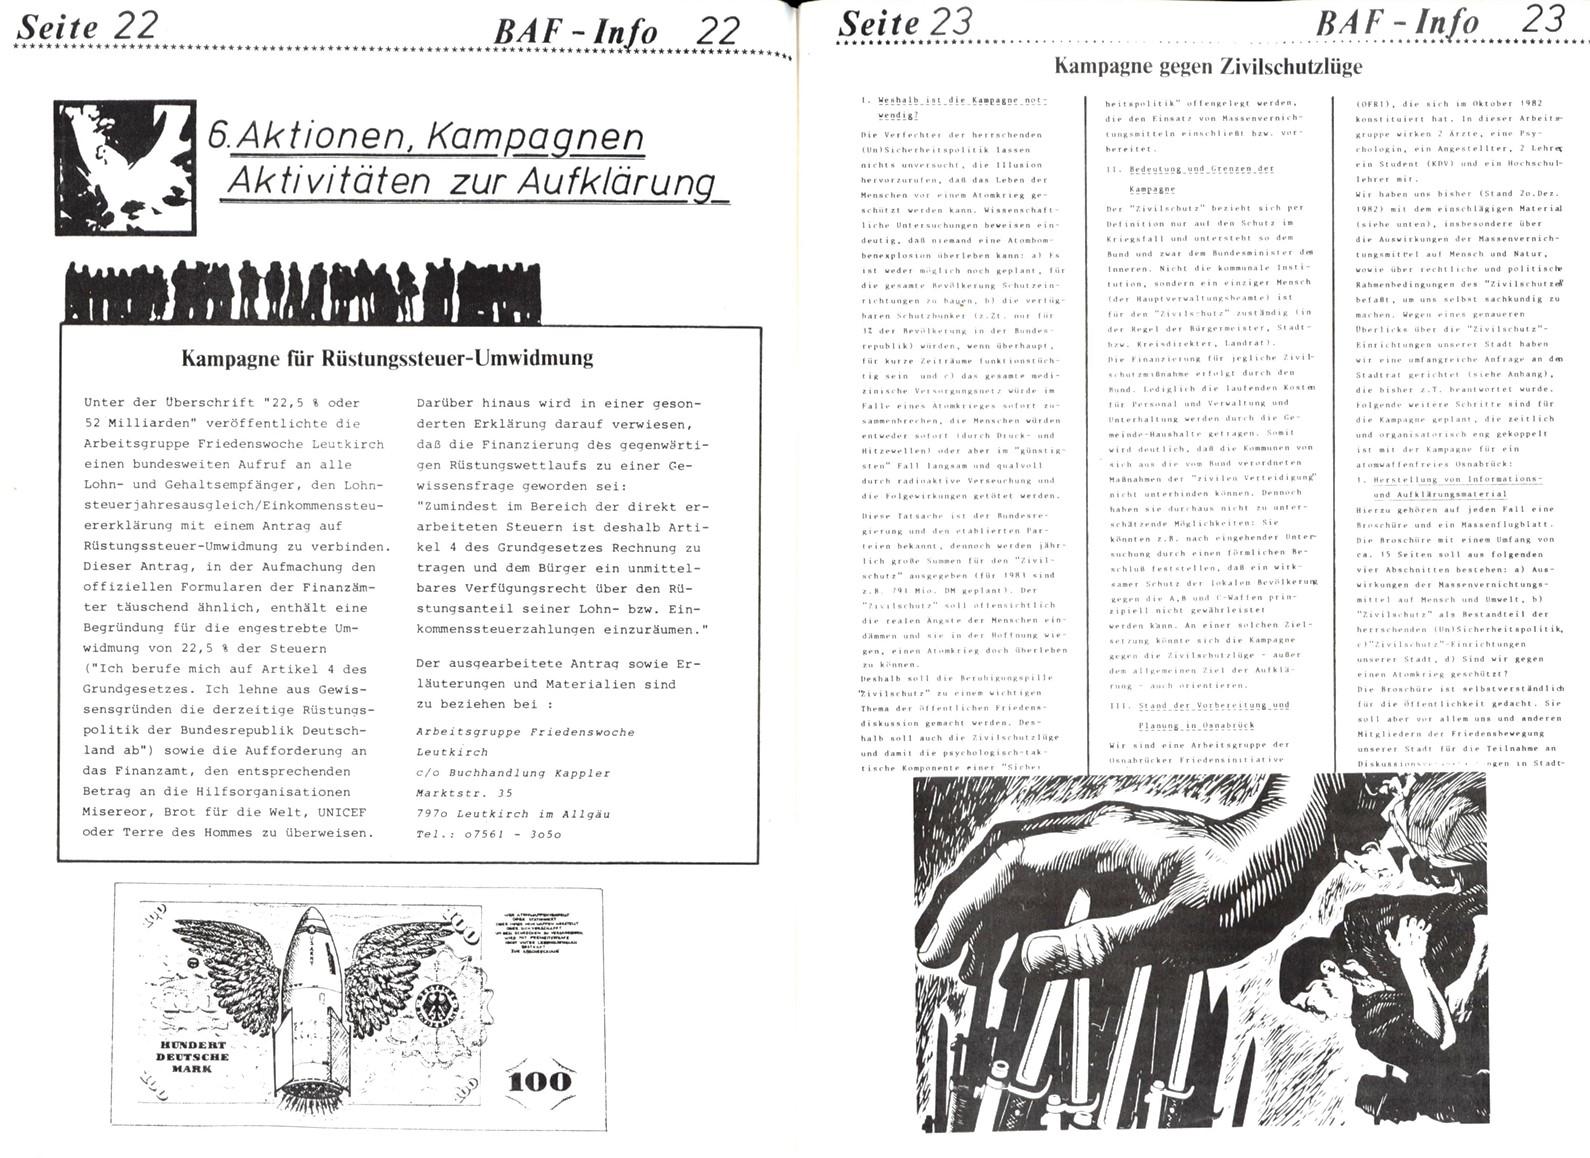 BAF_Info_02_19830100_12